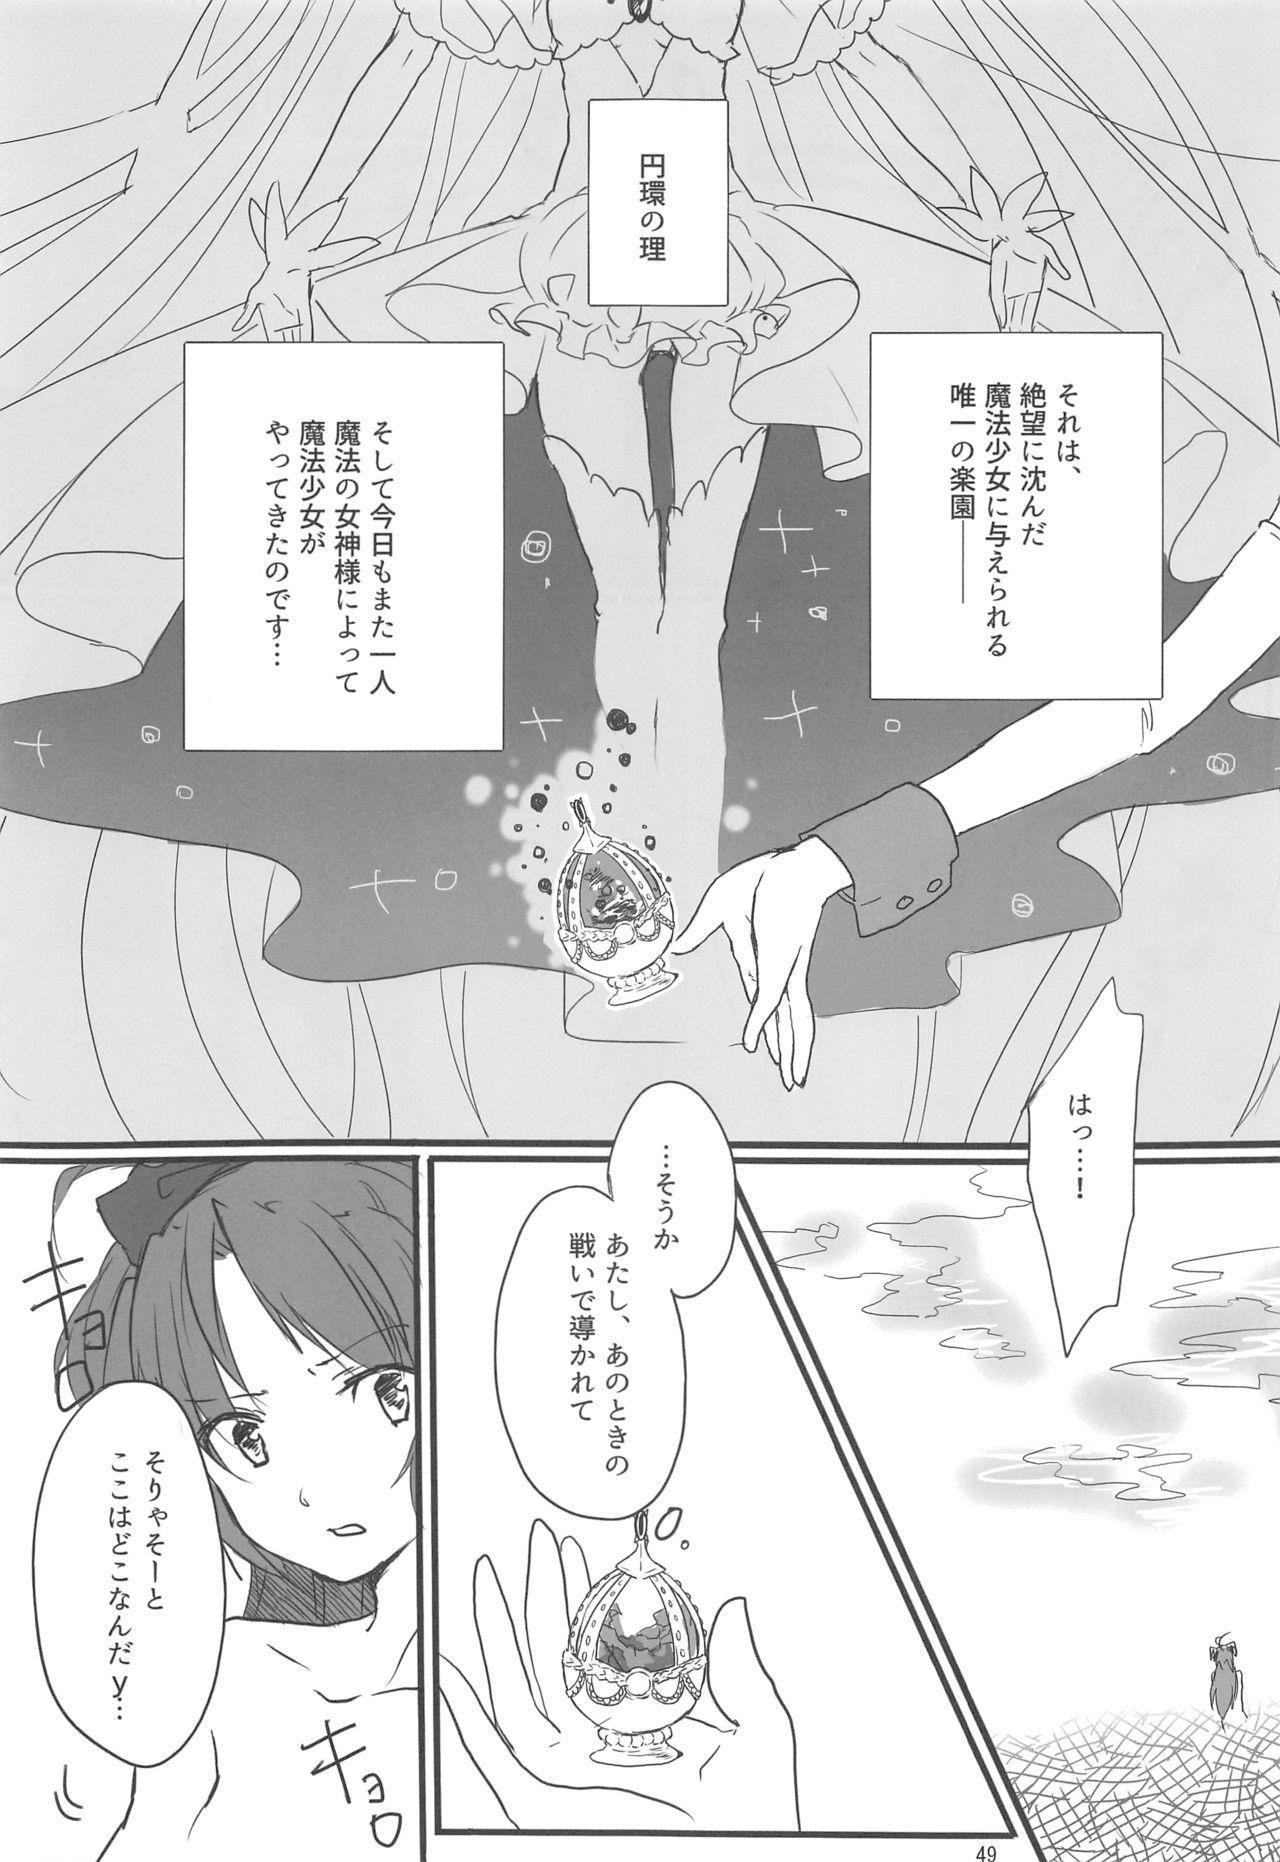 MadoHomu no Yu Puella Magi Dosukebe Onsen 47